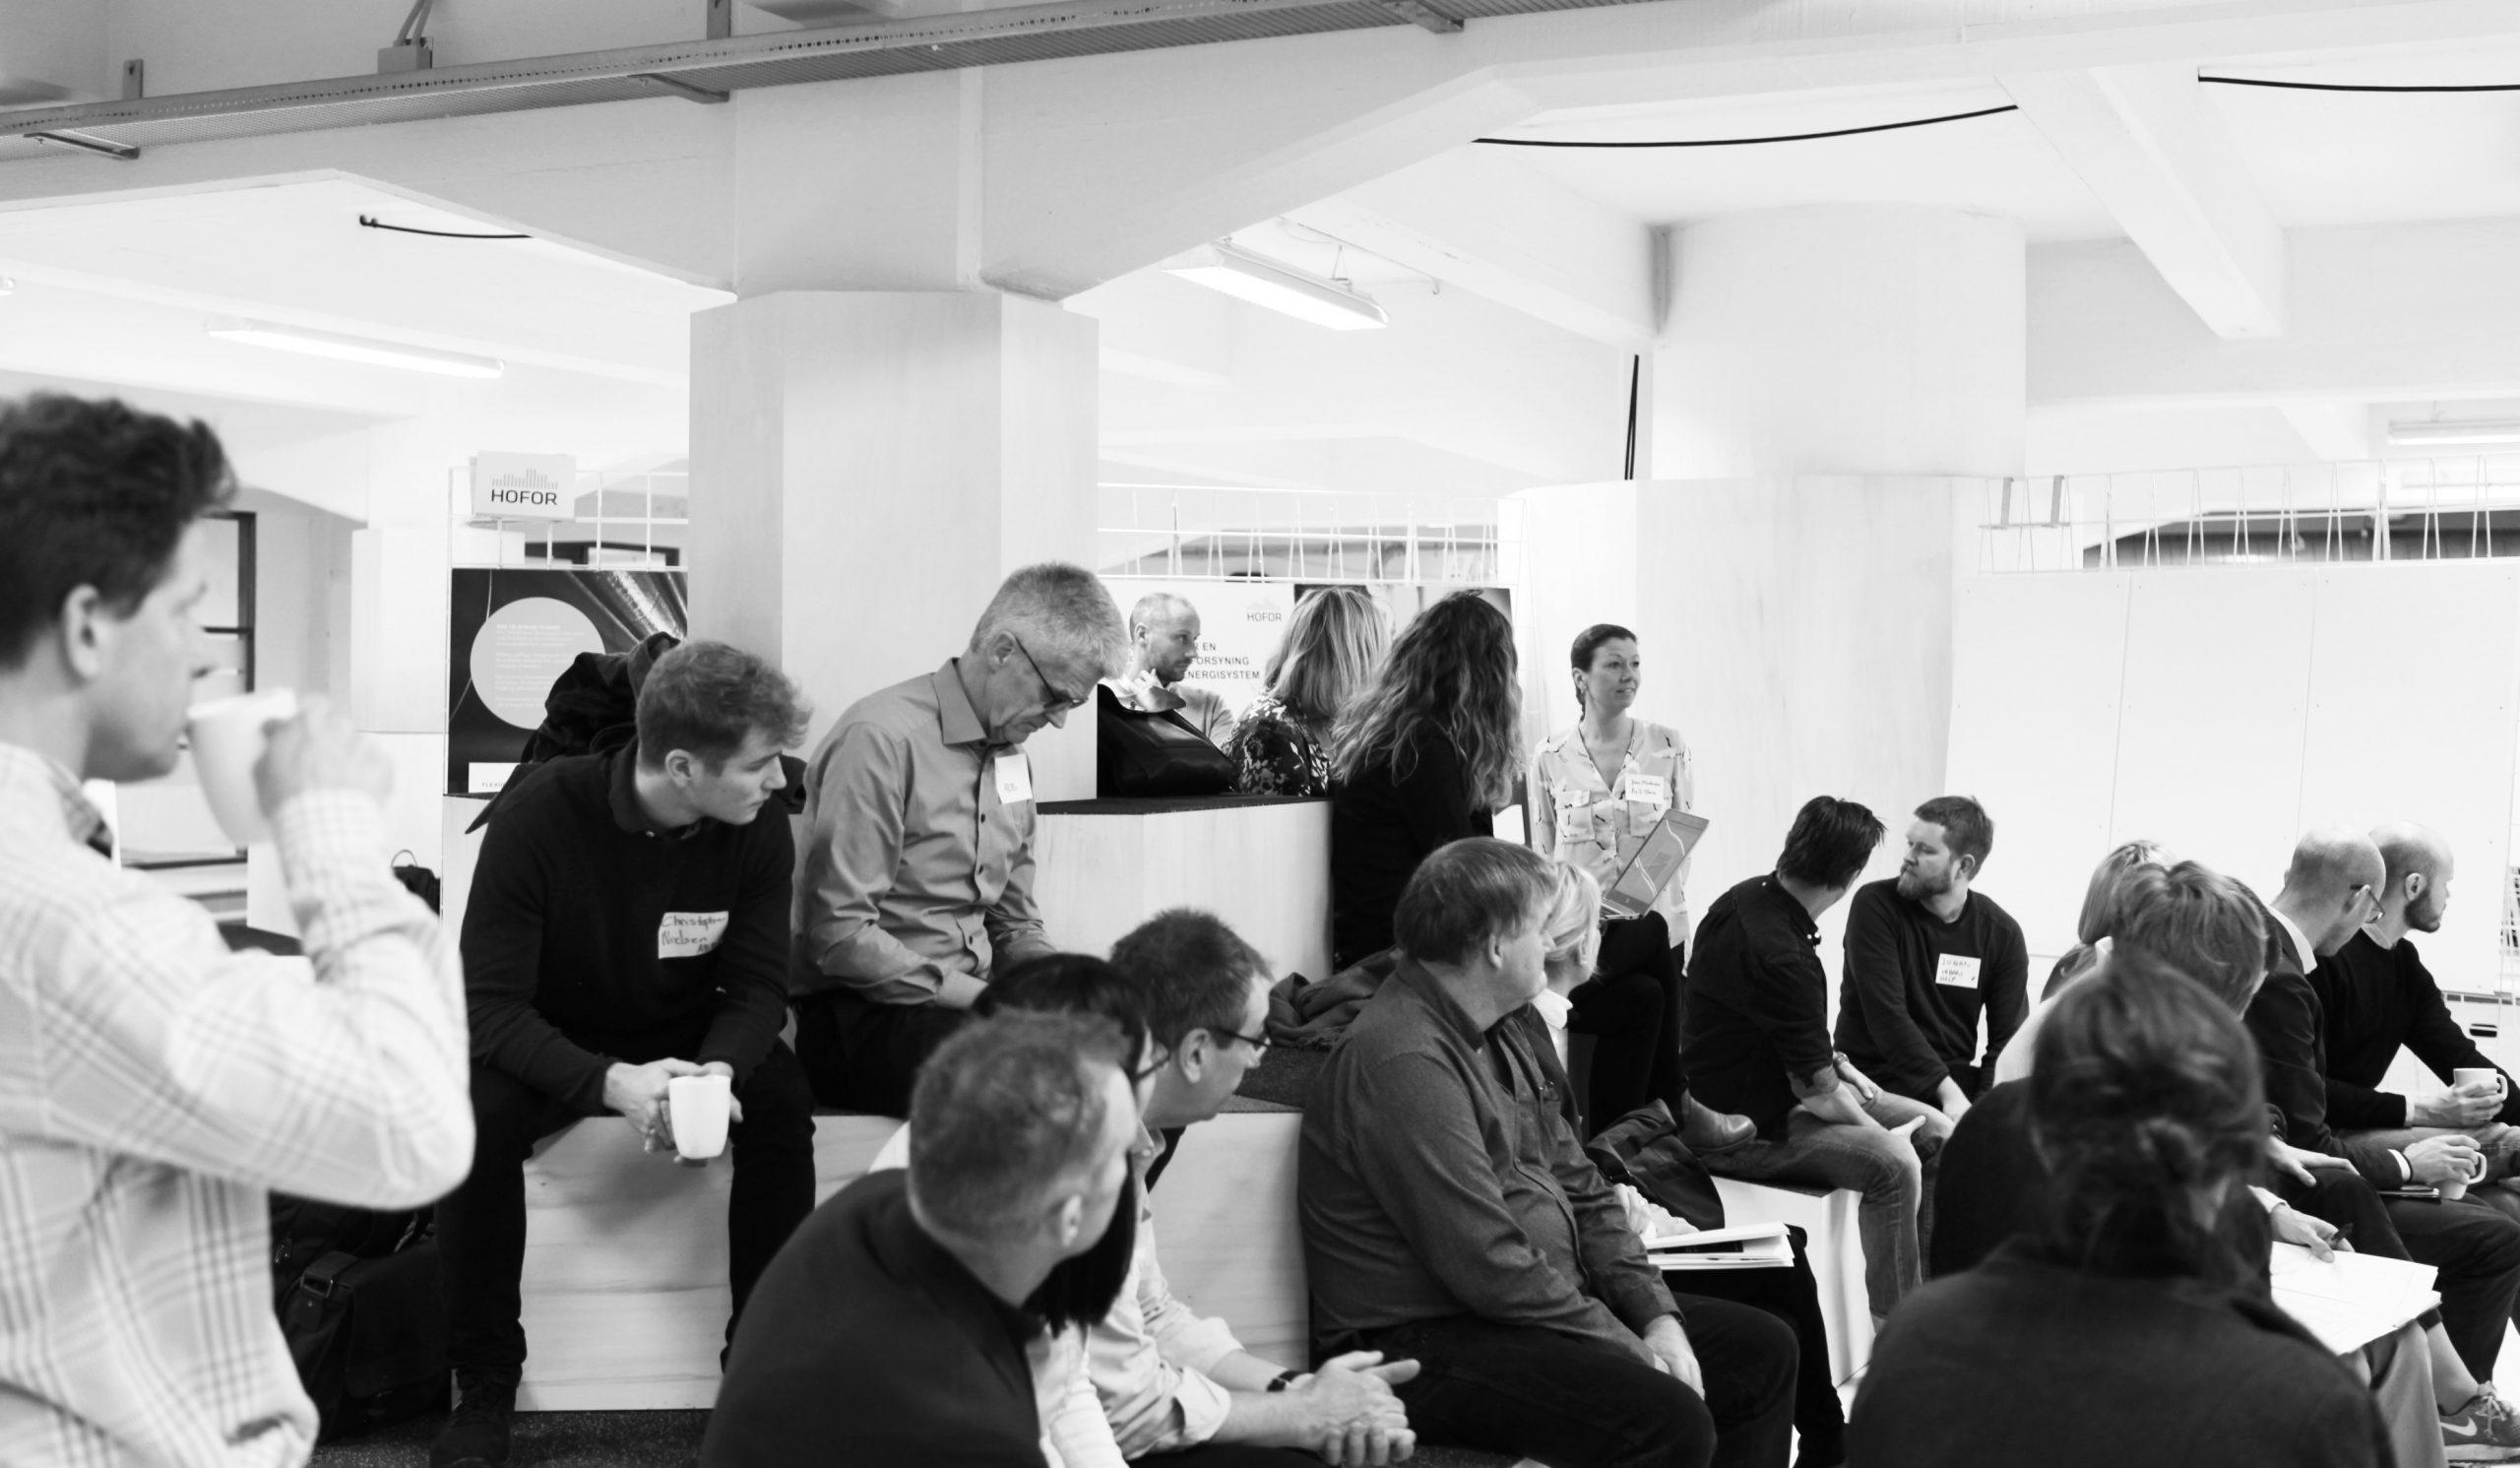 Workshop innovation space design co-creation